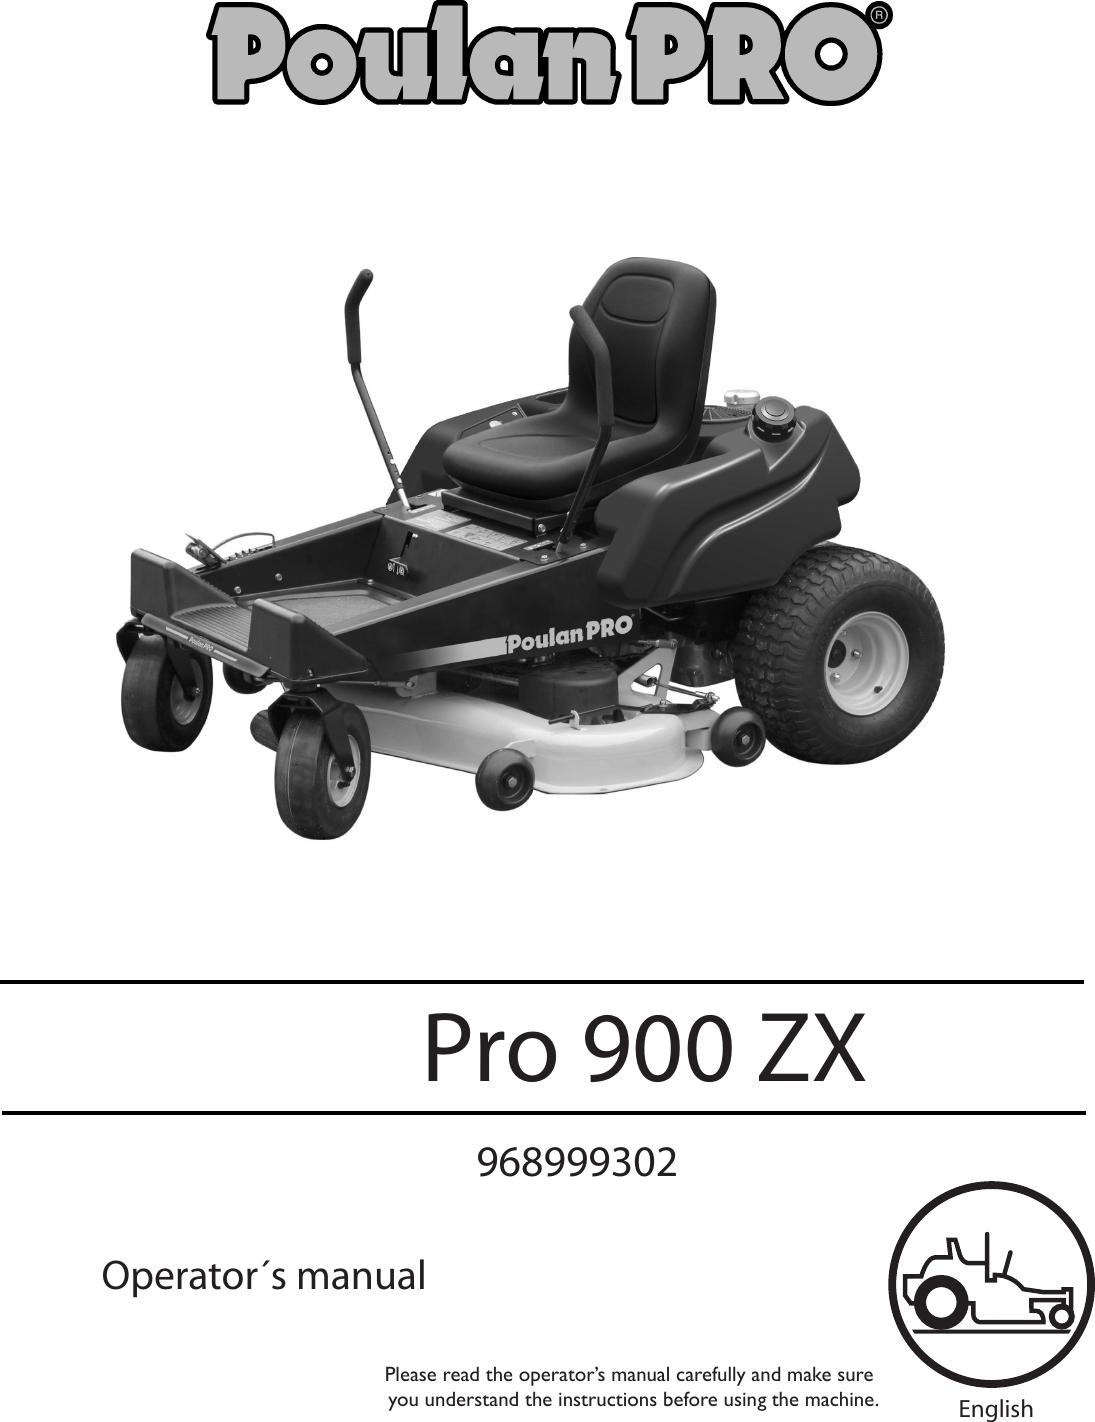 Poulan Pro 900 Zx 2005 12 Zero Turn Consumer 968999302